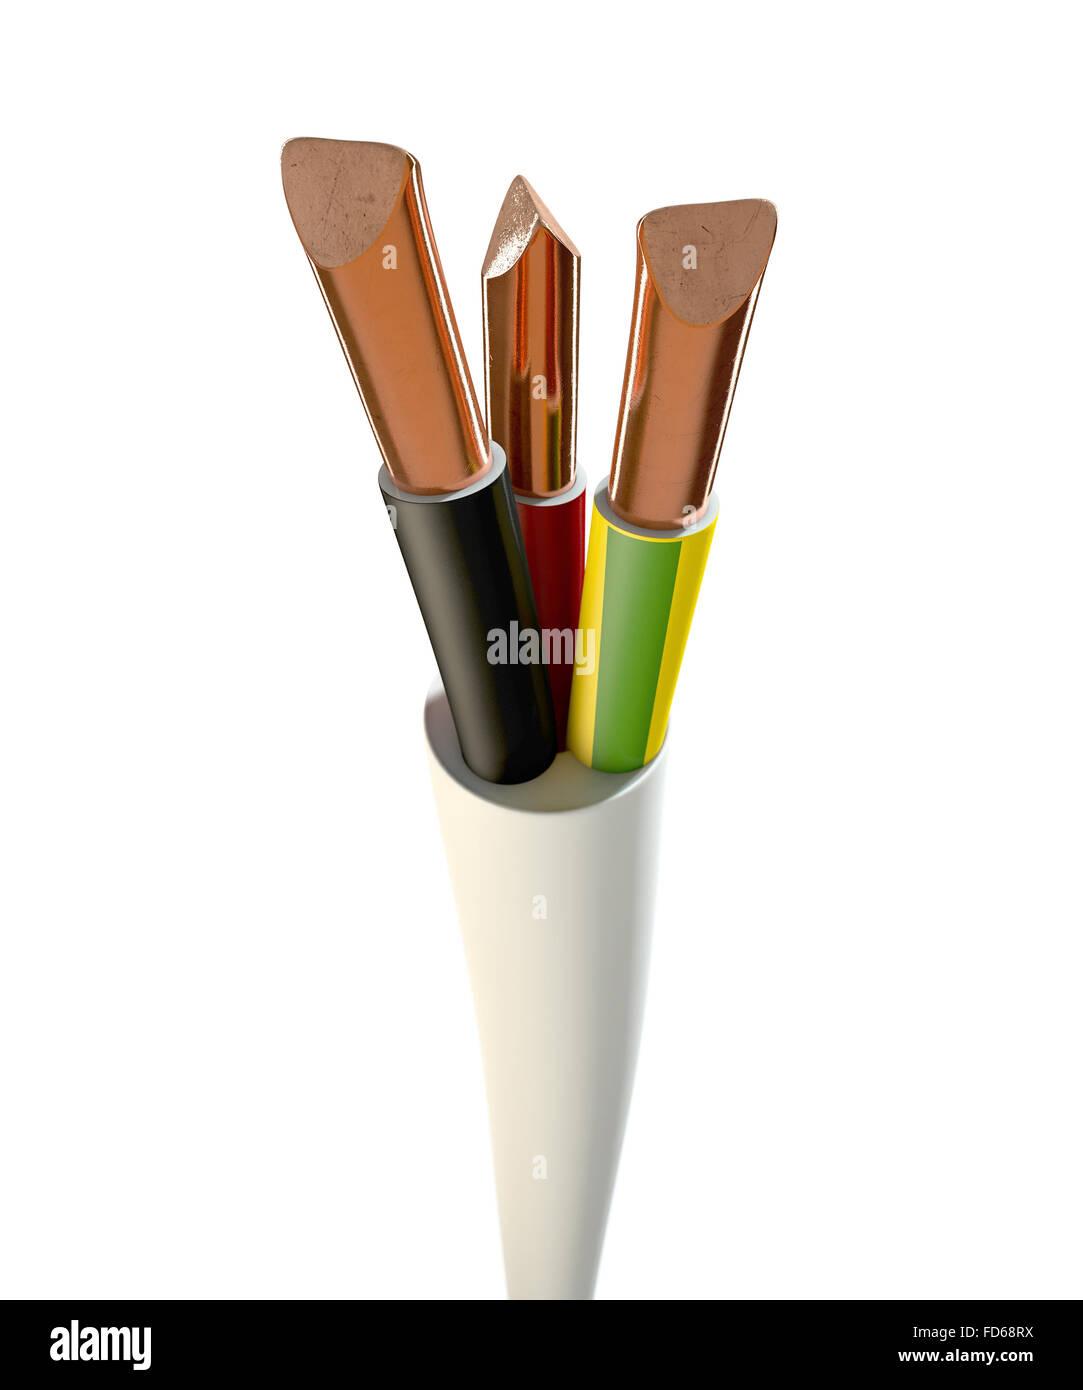 Wire Insulation Stockfotos & Wire Insulation Bilder - Alamy